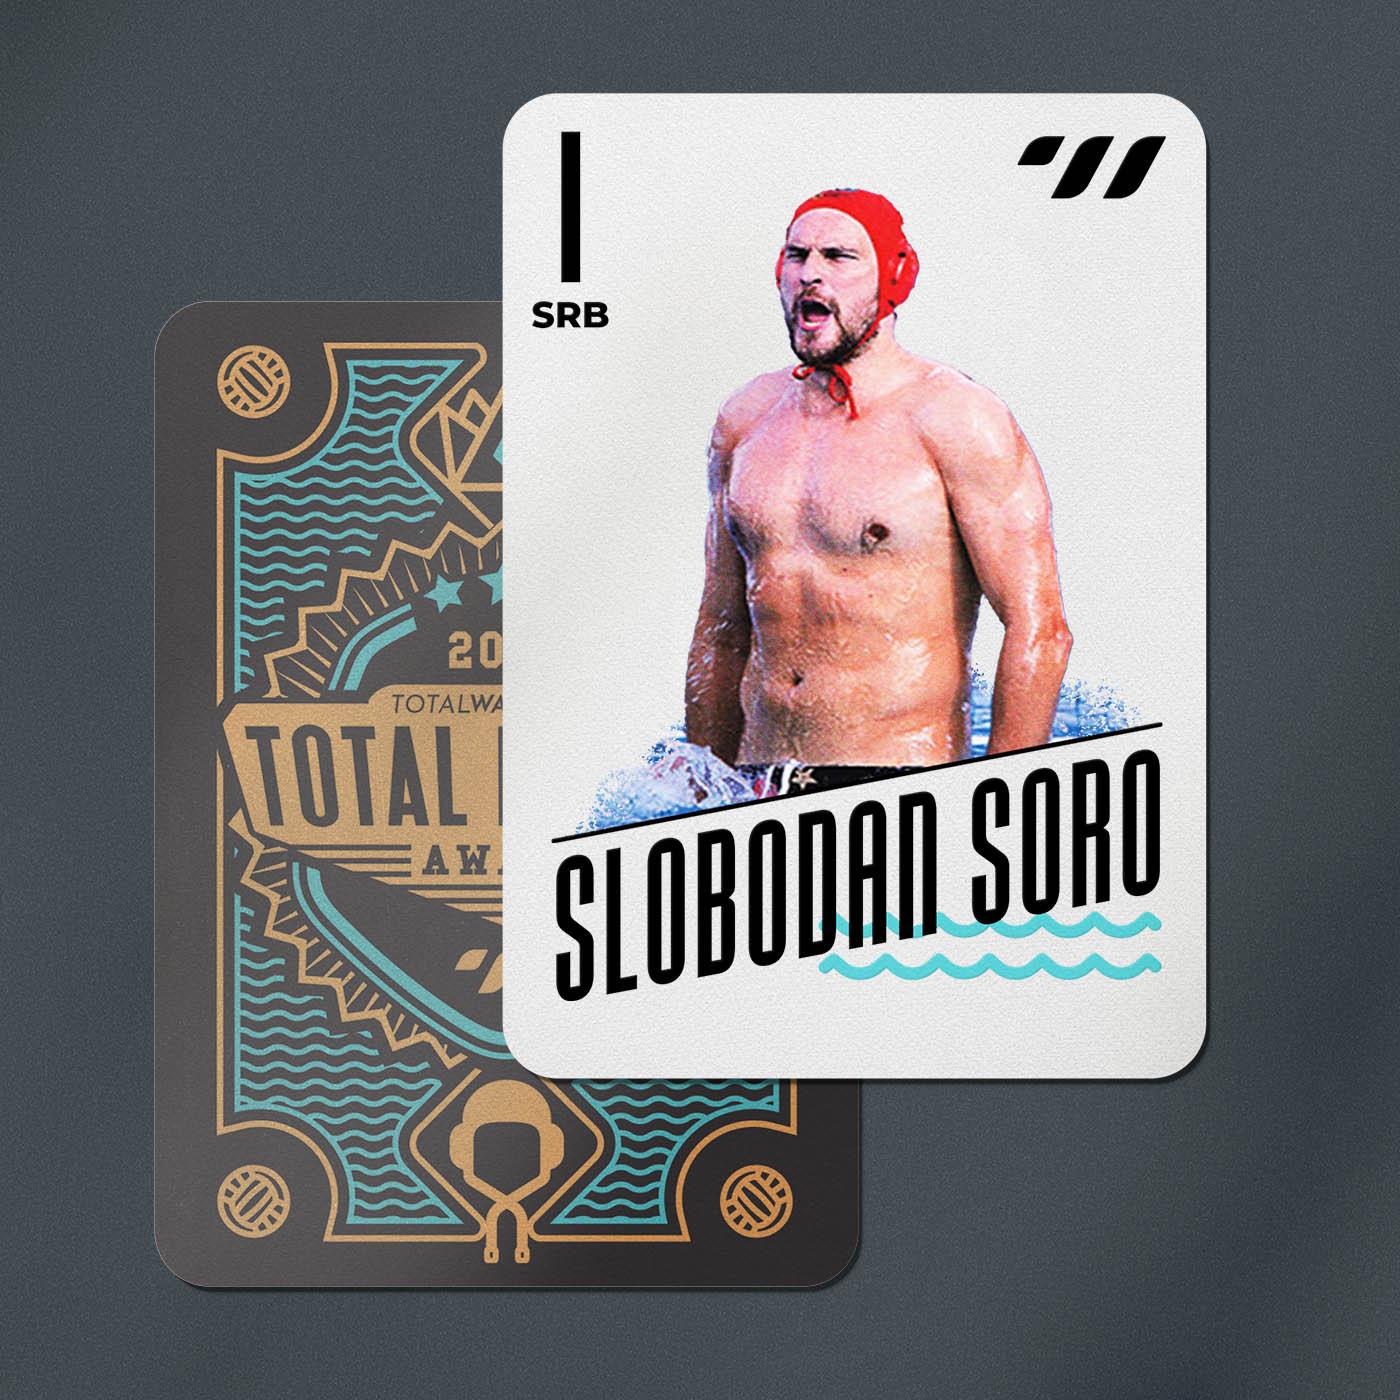 GOALKEEPER - Slobodan Soro (SRB)